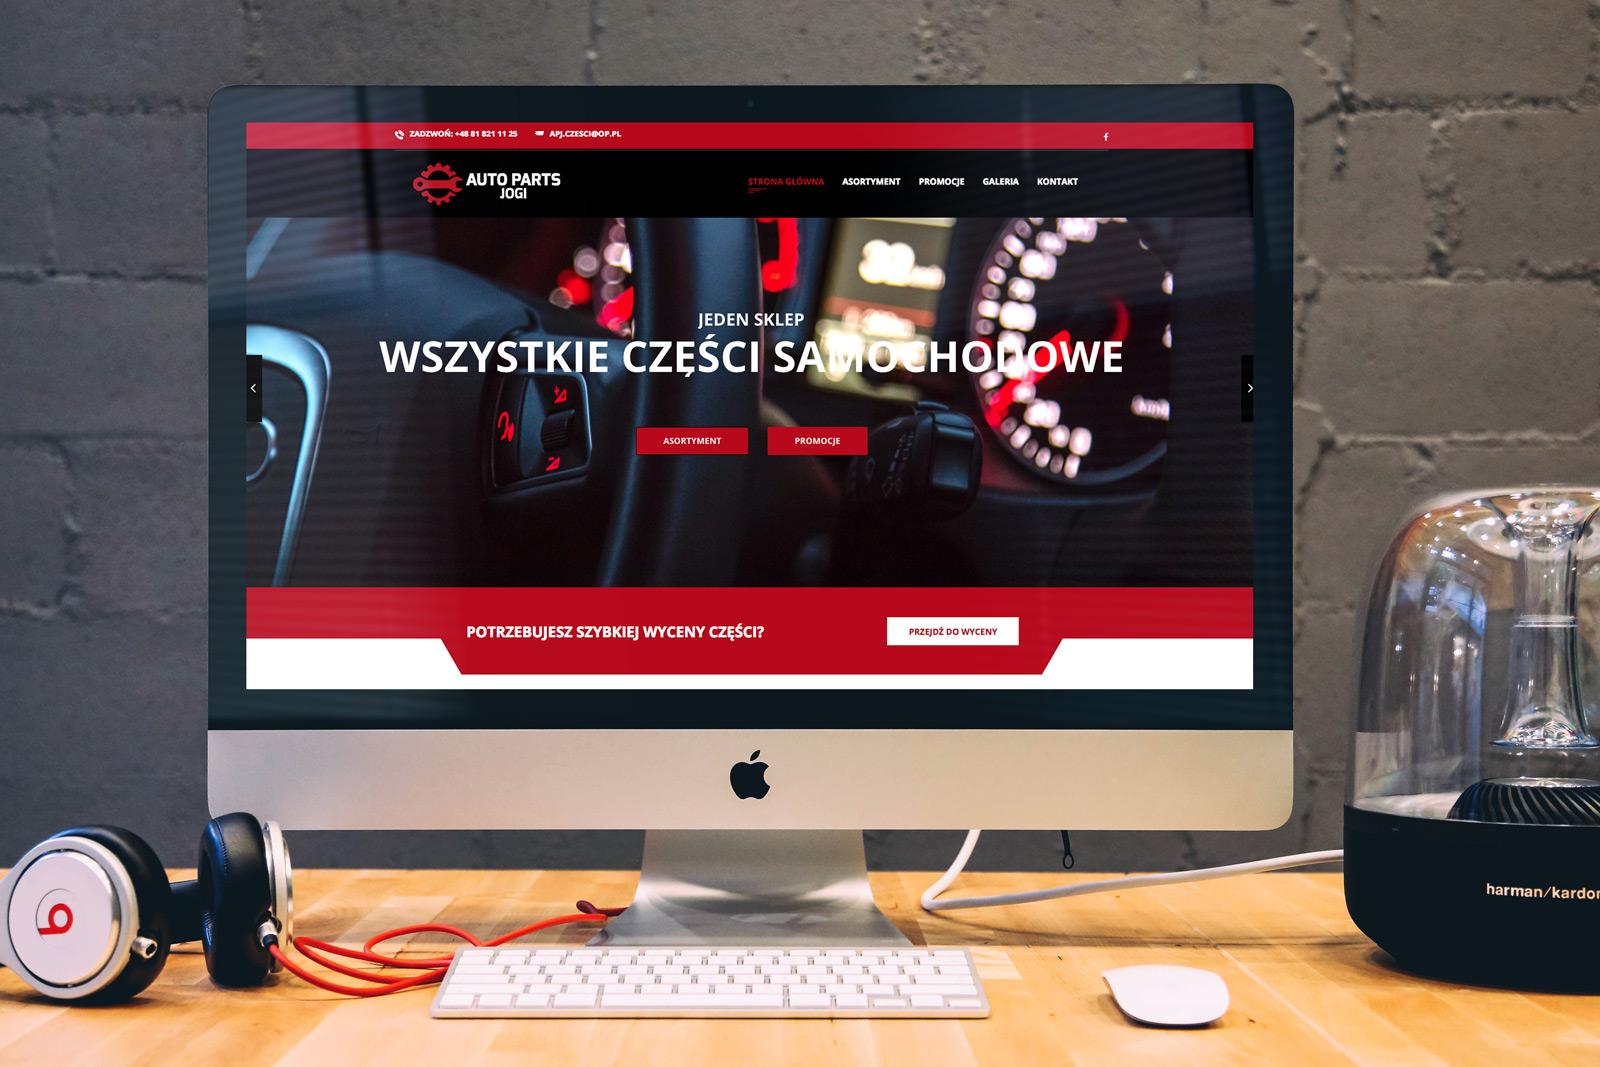 agencja reklamy agencja reklamowa grafika reklama strona internetowa tworzenie stron jak stworzyć stronę internetową grafik agencja interaktywna strony www strony internetowe wydruki sklepy internetowe sklep internetowy logotyp projektowanie logo pozycjonowanie stron www kraśnik lublin krasnik